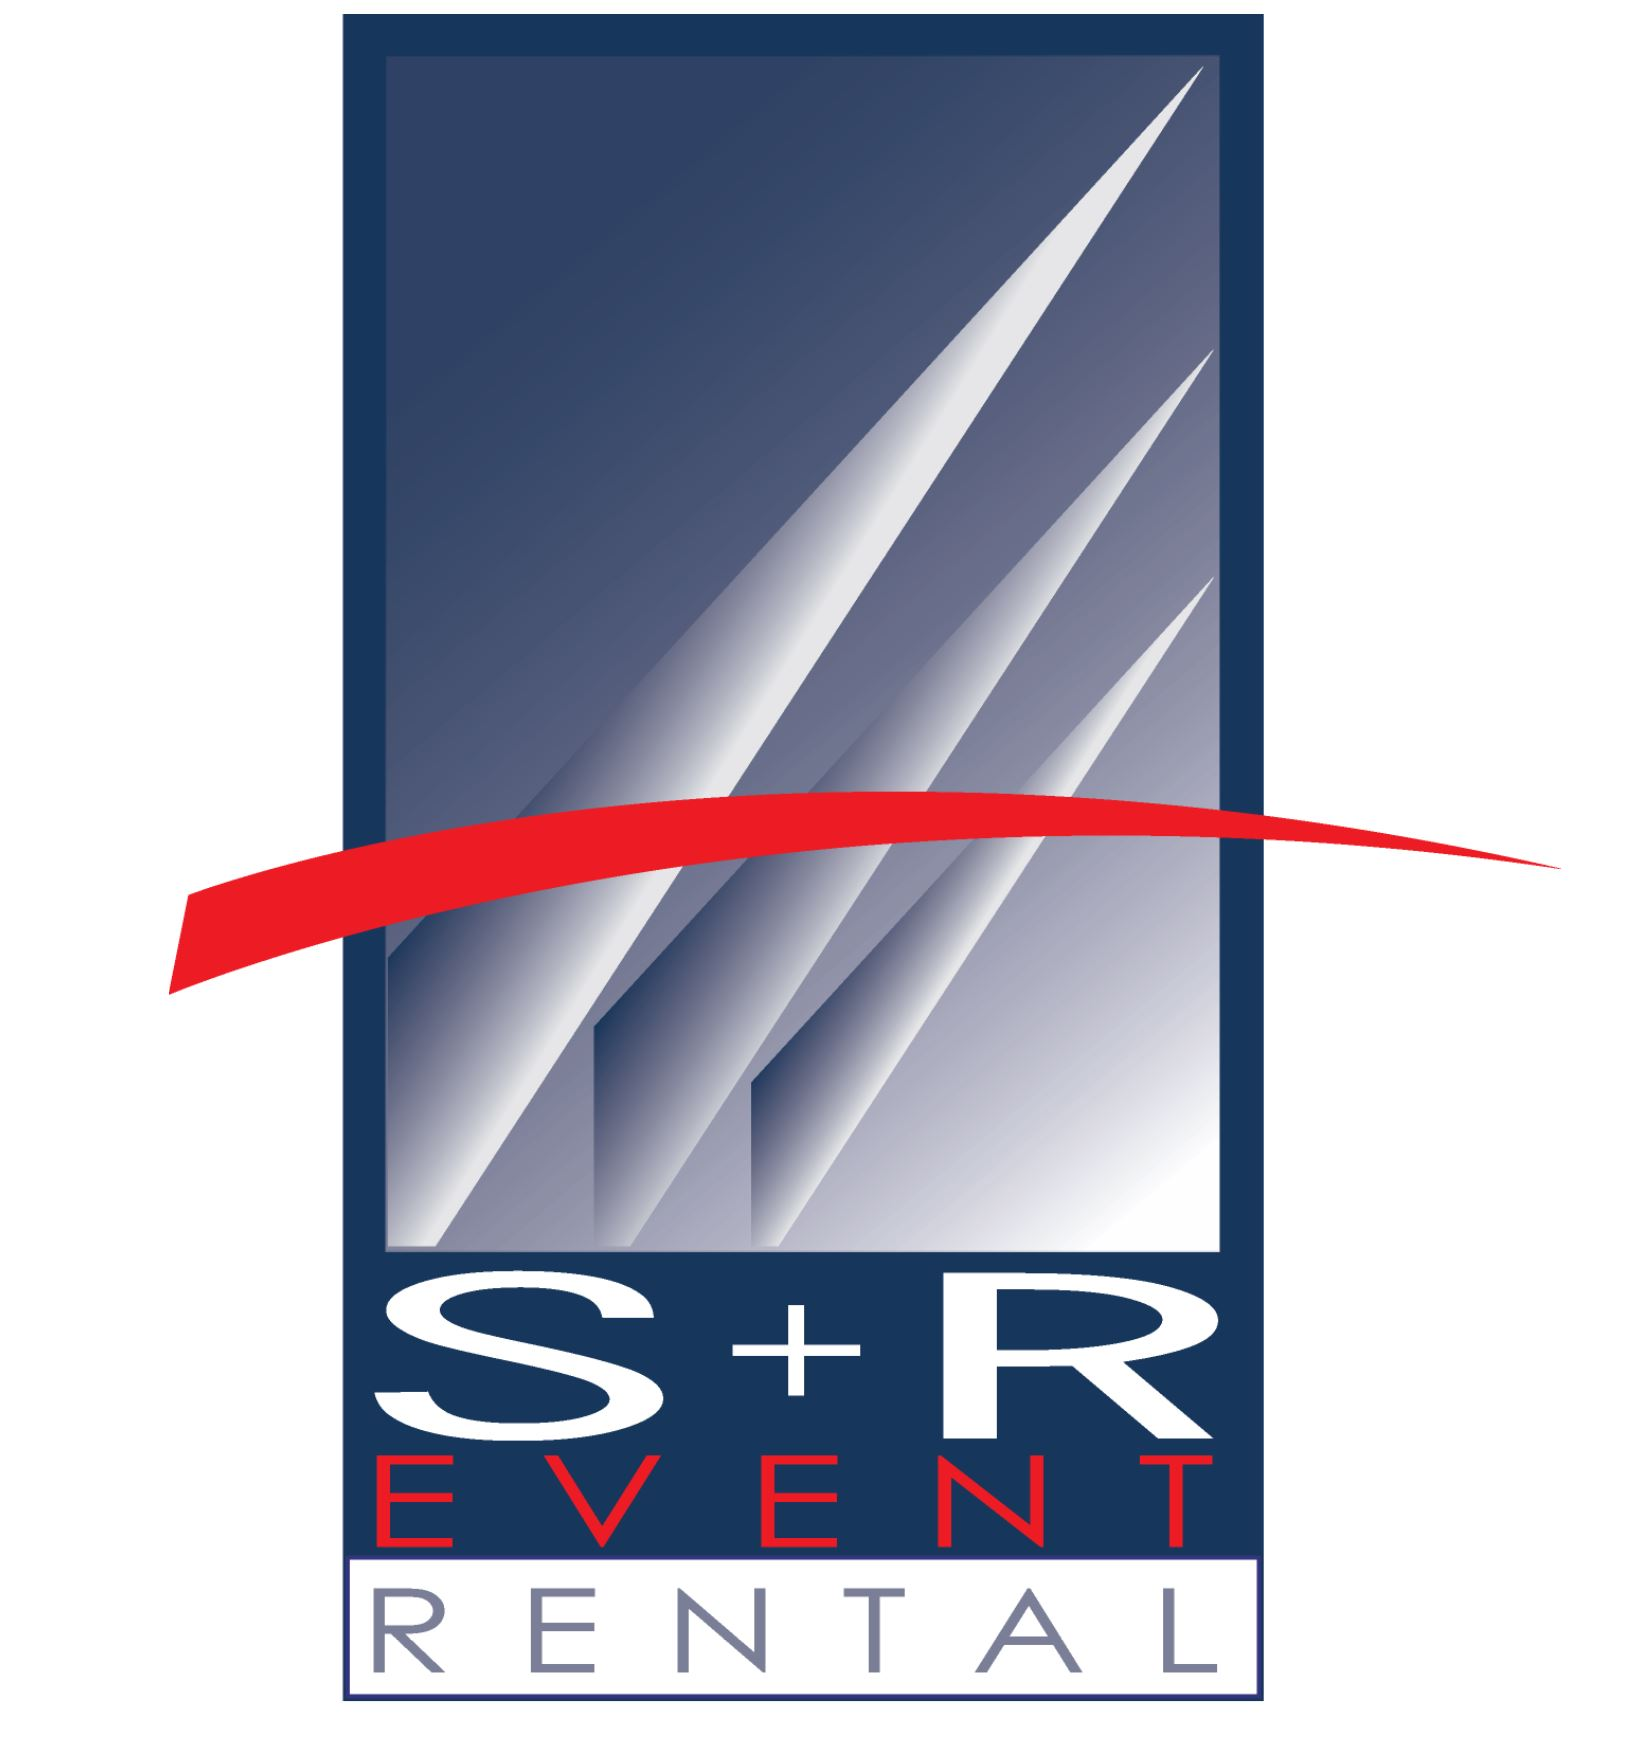 logo for SR